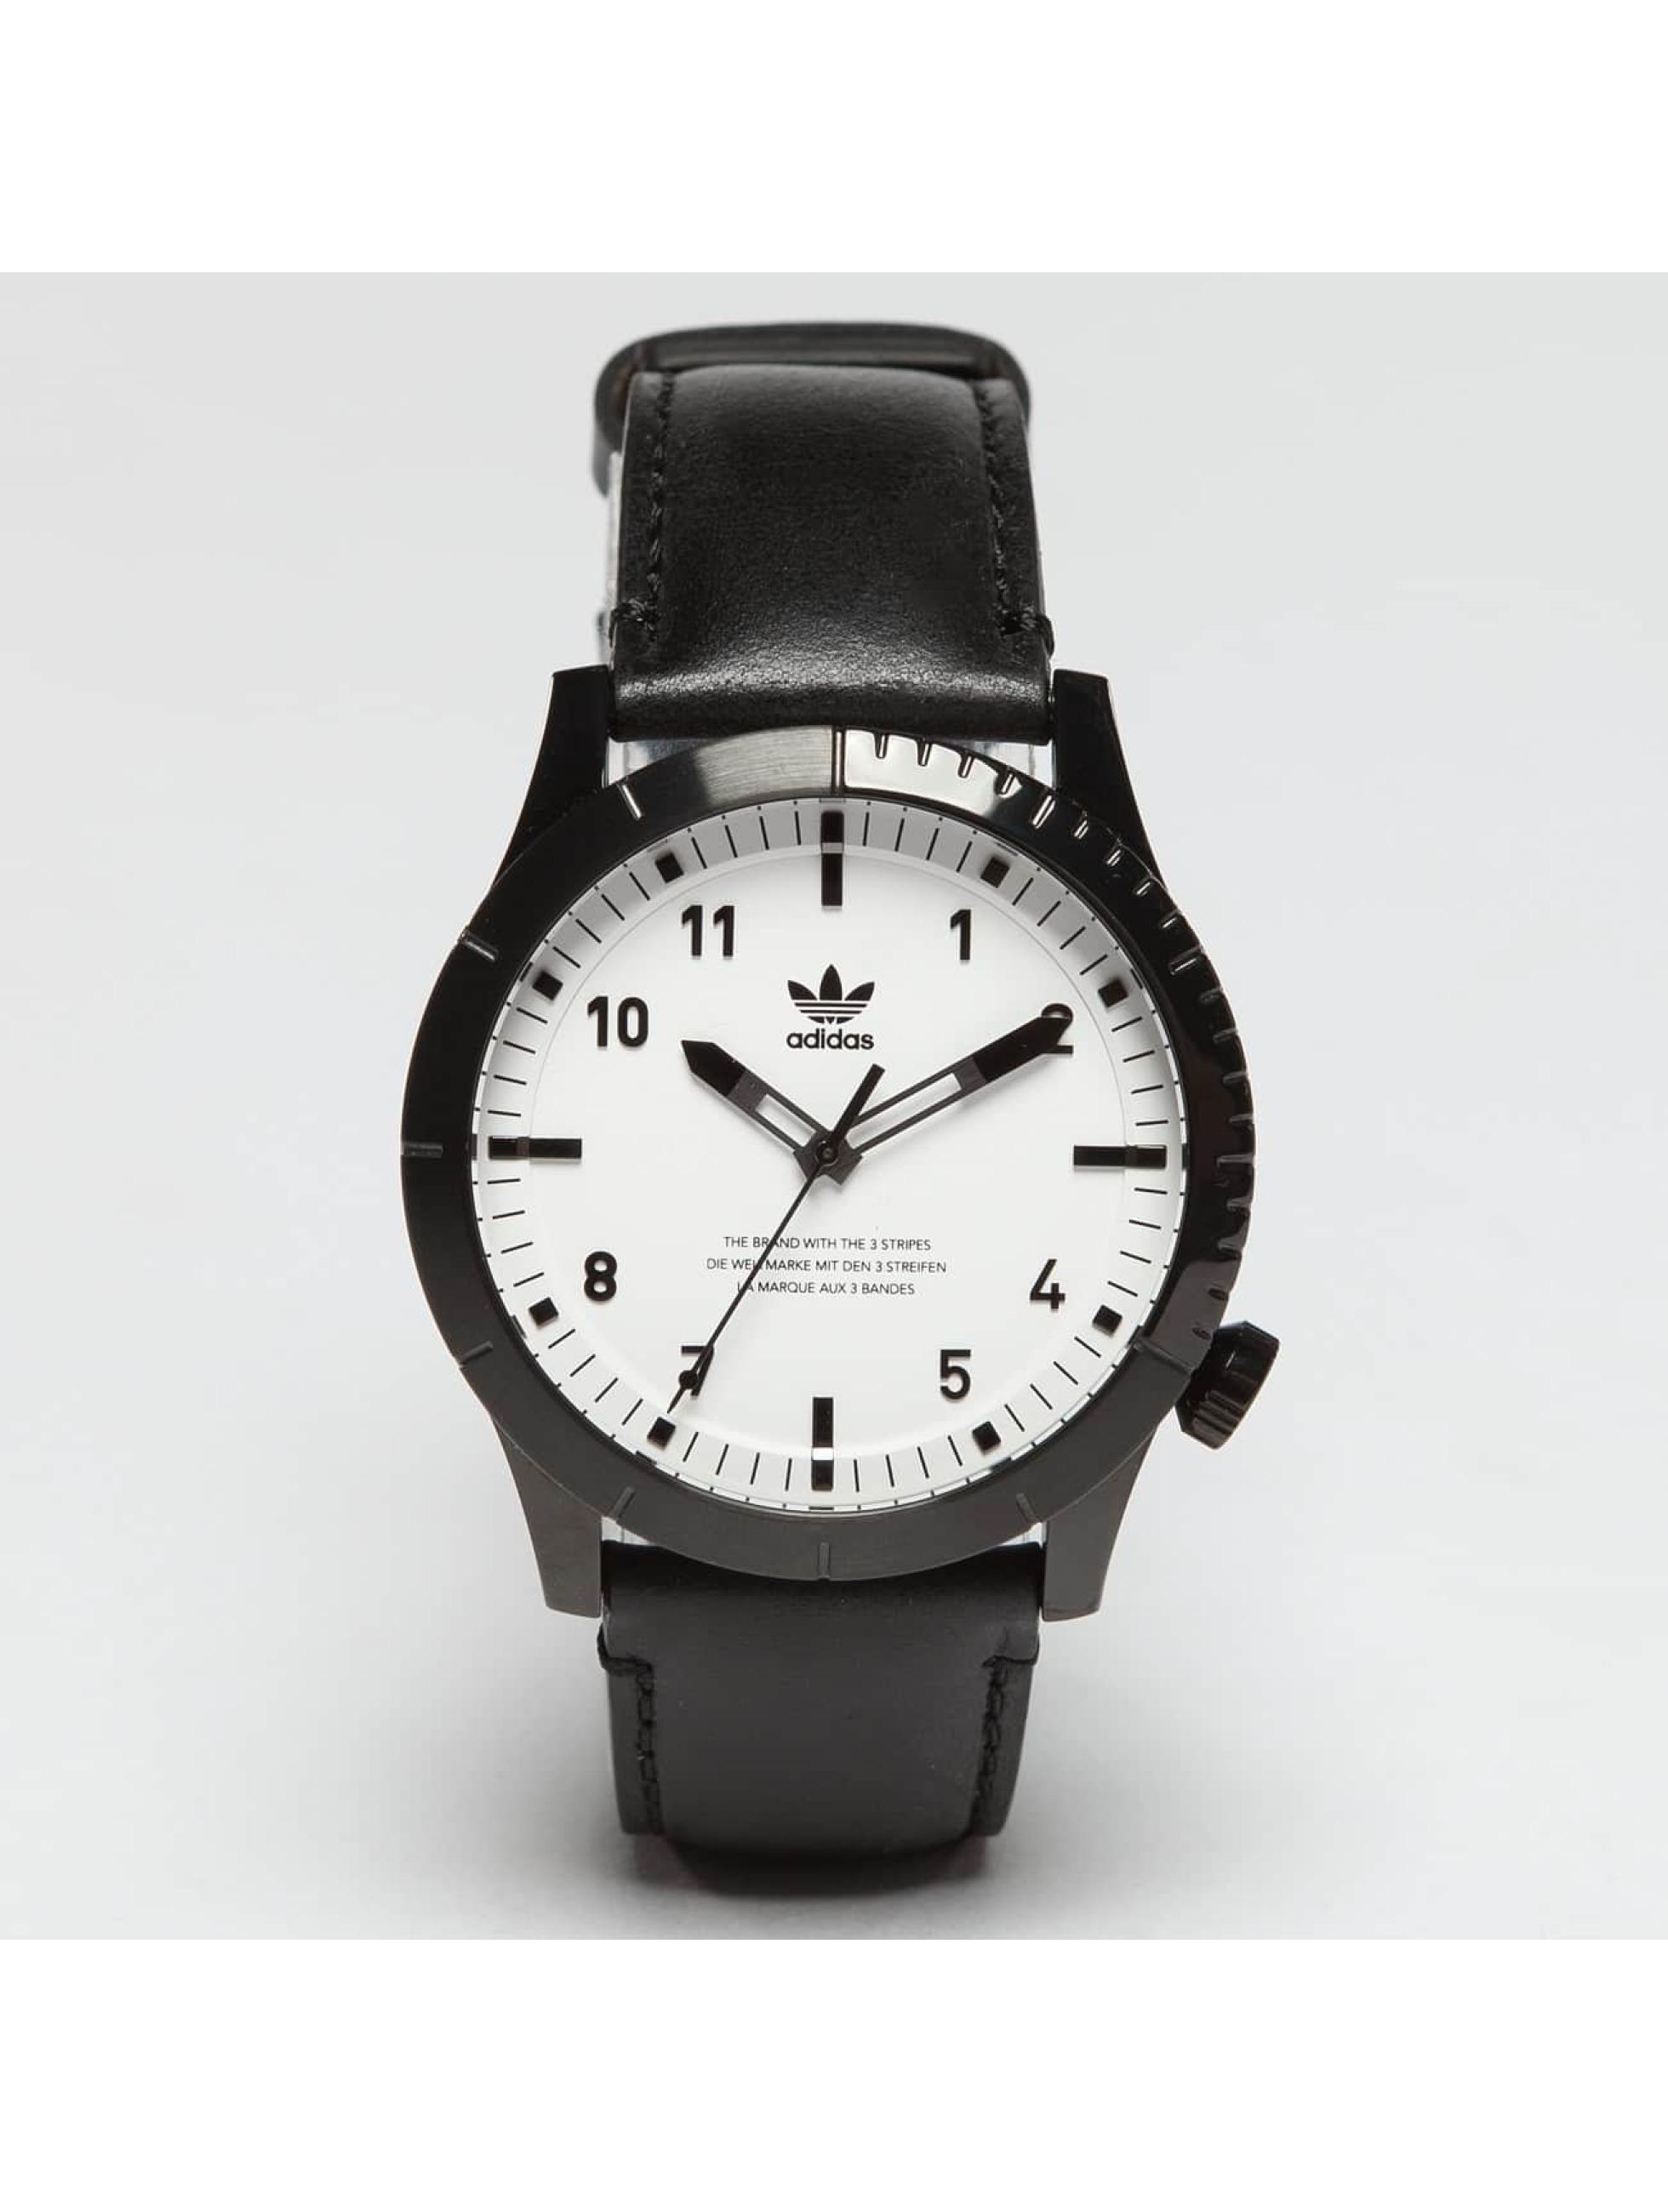 Adidas Watches Zegarki Cypher LX1 czarny